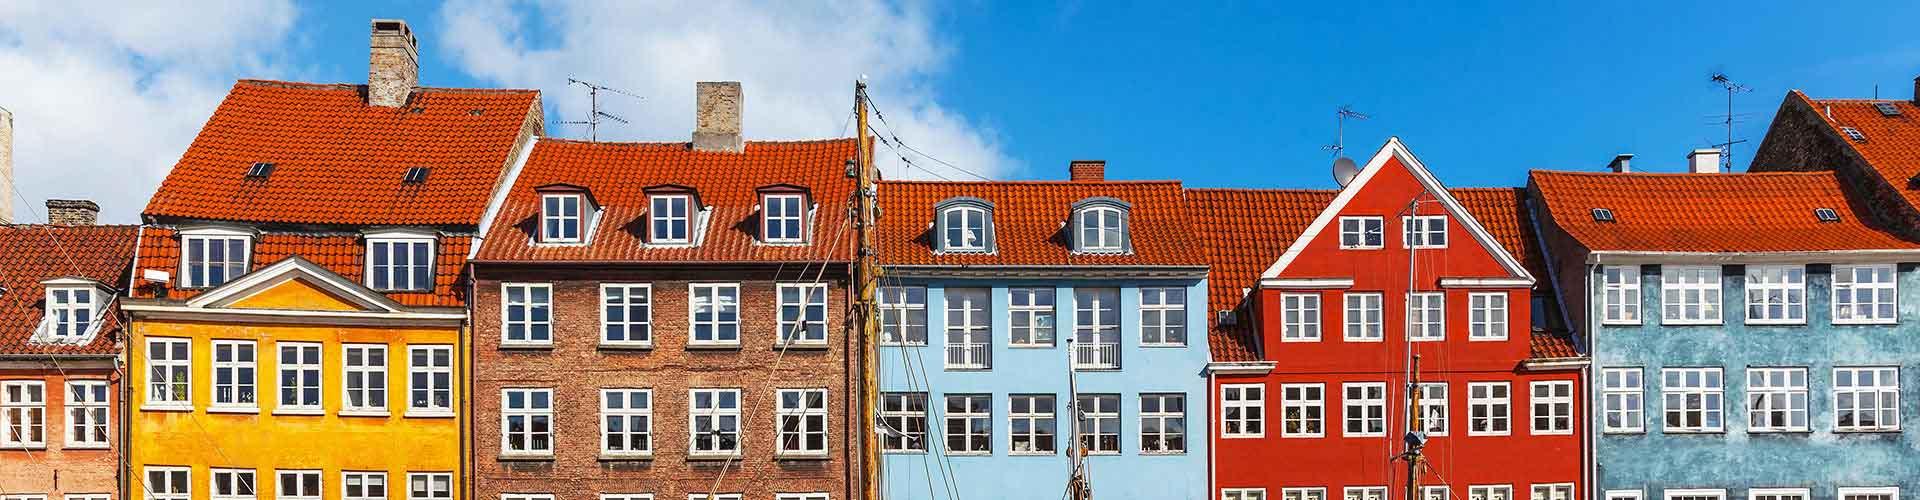 코펜하겐 - Vesterbro지역에 위치한 호텔. 코펜하겐의 지도, 코펜하겐에 위치한 호텔에 대한 사진 및 리뷰.